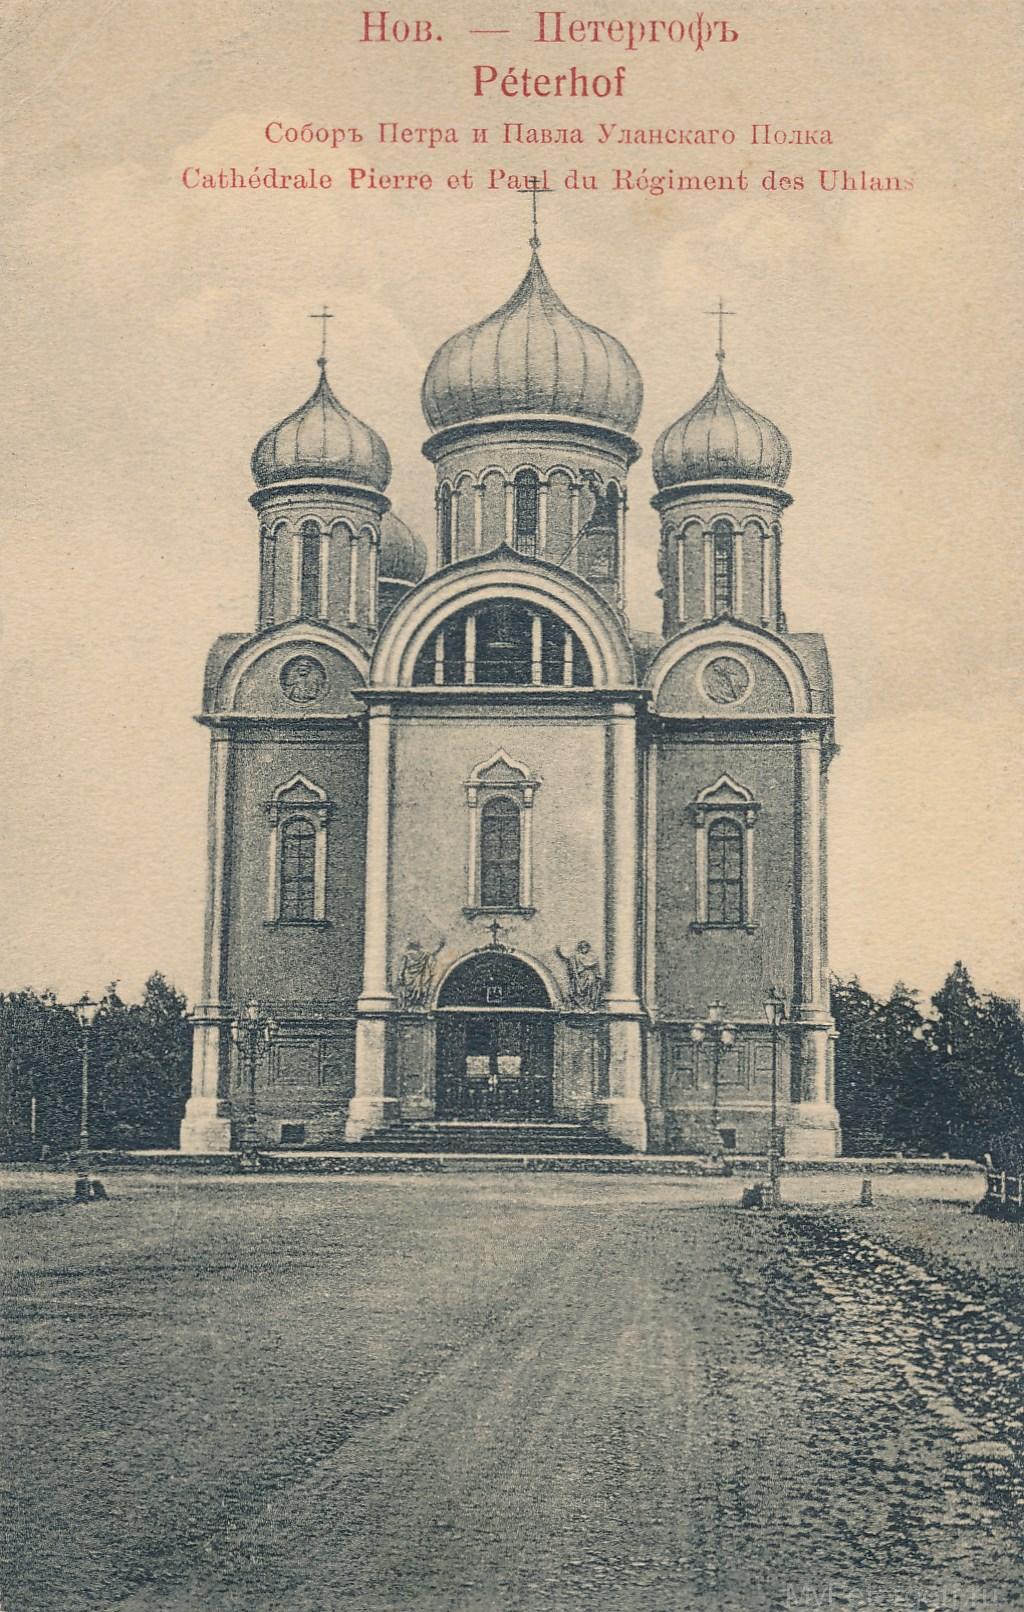 Собор Петра и Павла Уланского полка